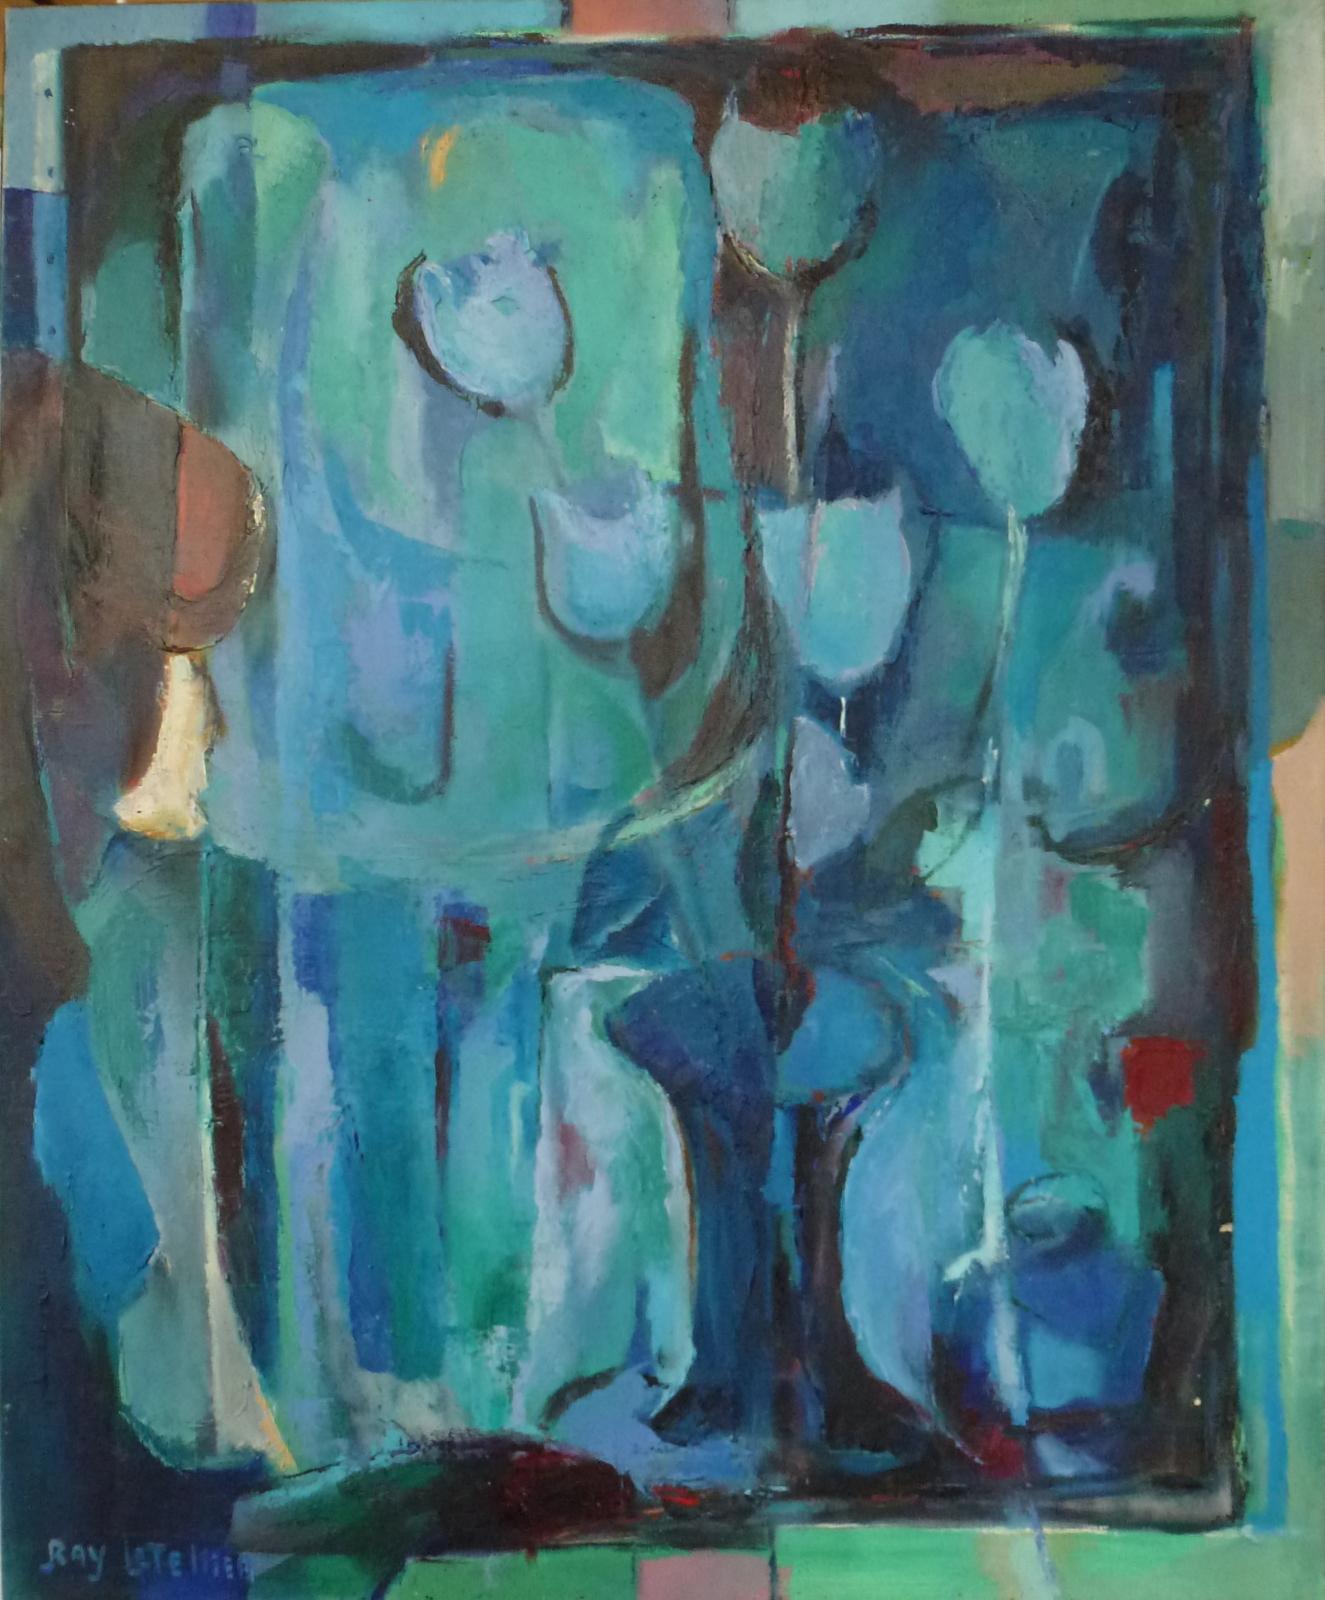 Huie sur toile de Ray Letellier, les tulipes.